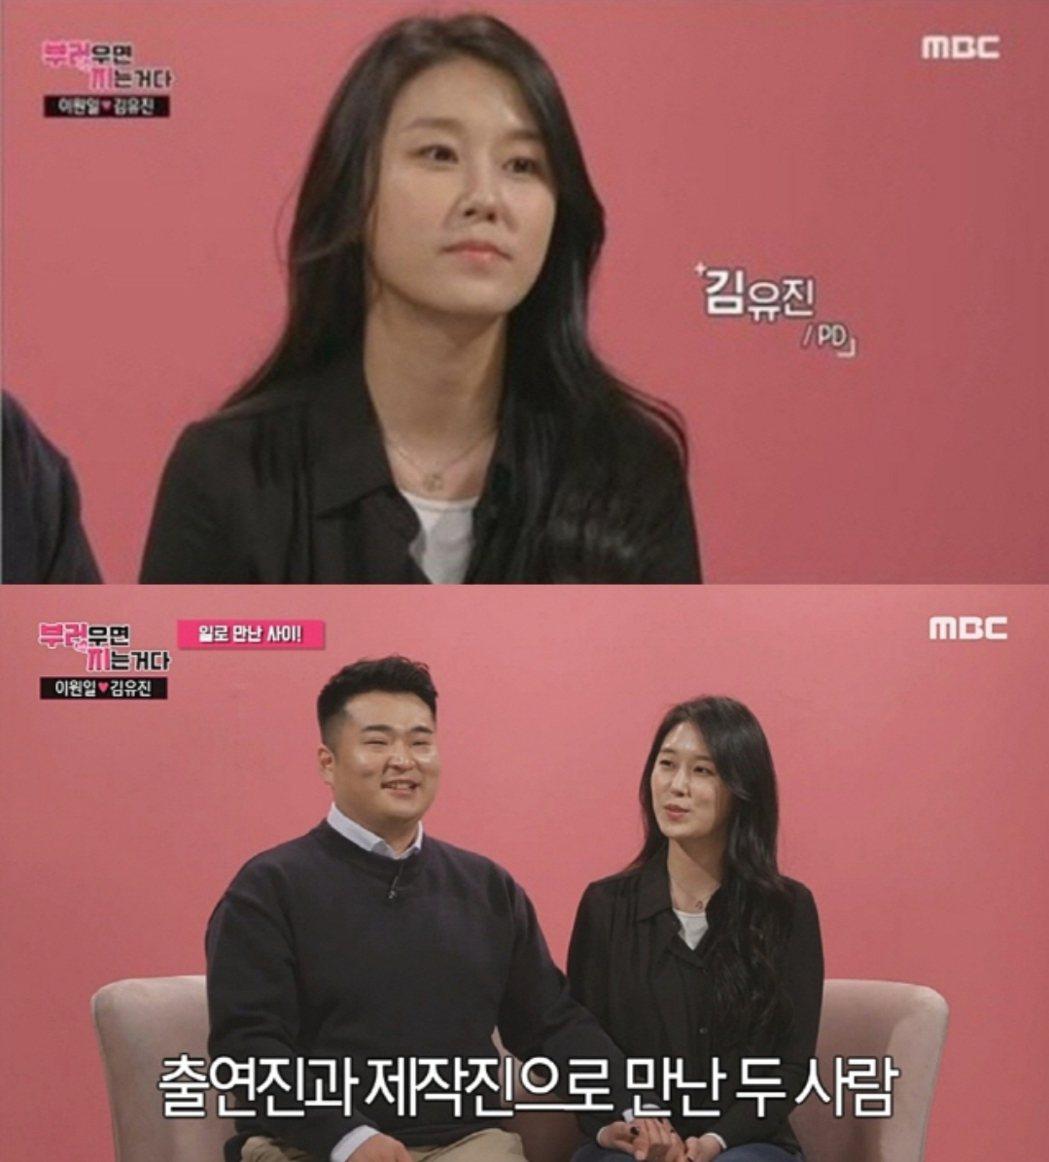 金有珍與李元日在節目中秀恩愛。圖/摘自MBC